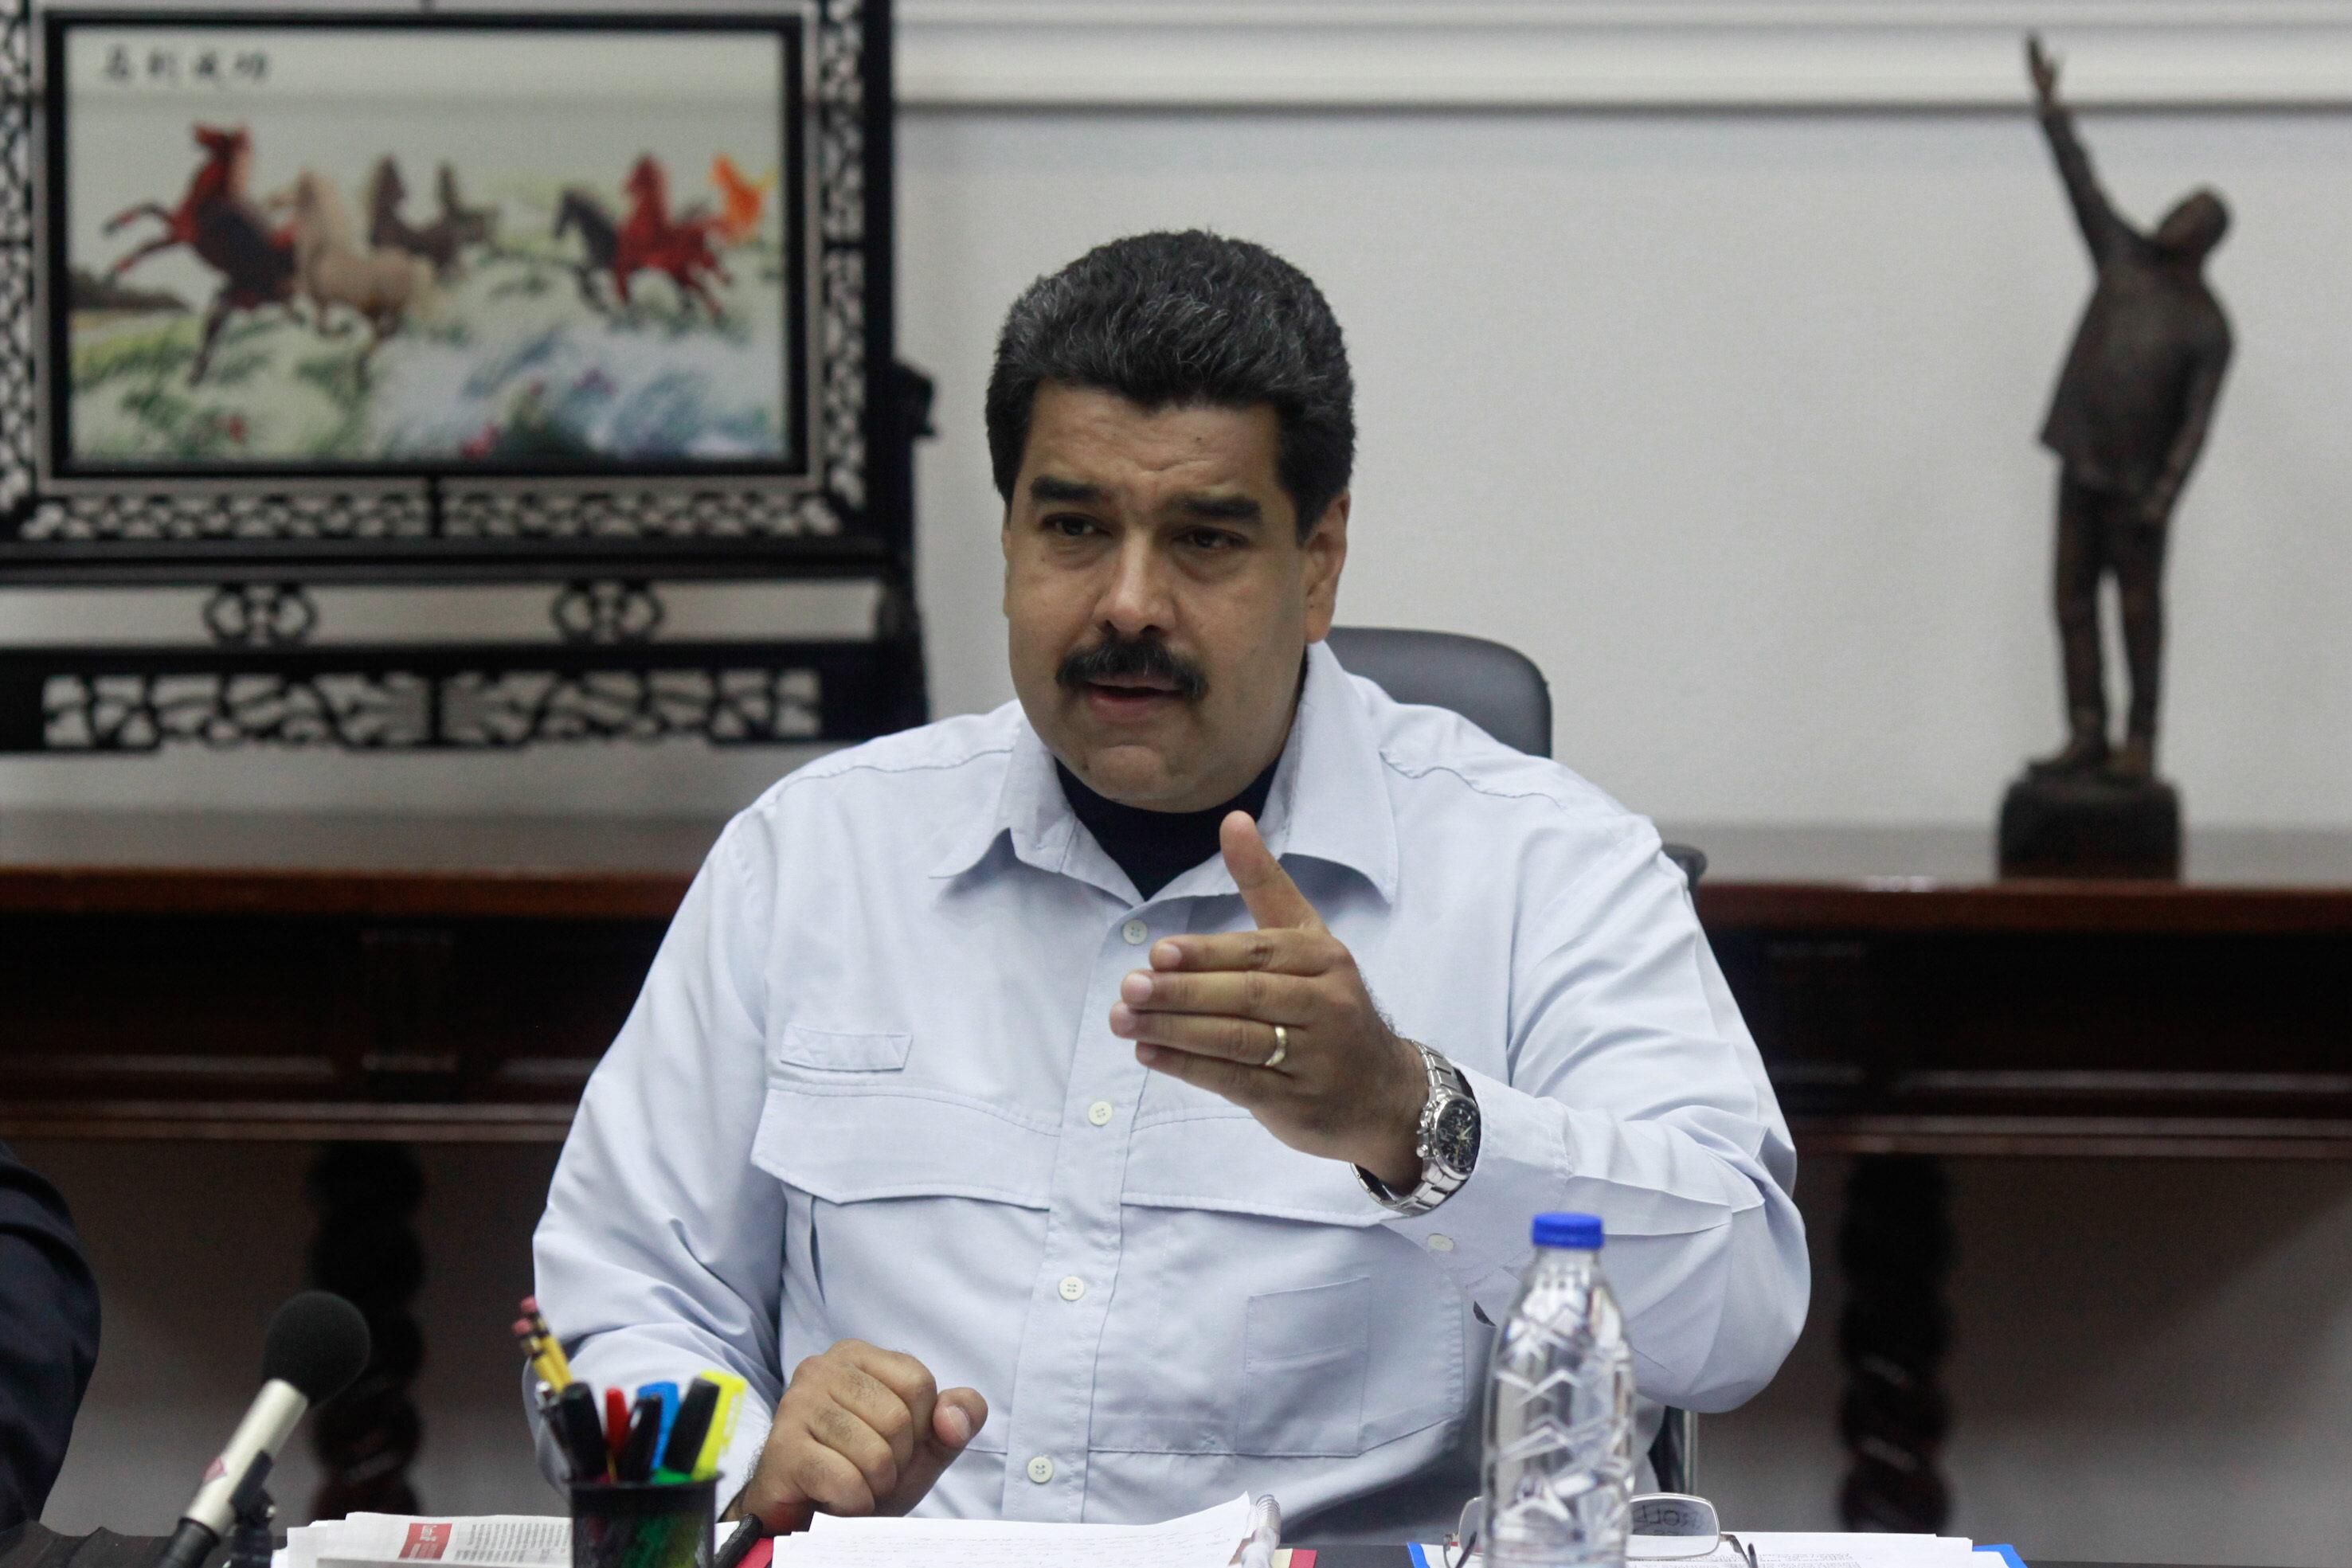 CAR01. CARACAS (VENEZUELA), 07/9/2015.- El presidente venezolano, Nicolás Maduro, participa en un consejo de ministros de su gabinete hoy, lunes 7 de septiembre de 2015, en Caracas (Venezuela). El presidente de Colombia, Juan Manuel Santos, dijo hoy que aceptó un ofrecimiento de Uruguay para mediar en la crisis fronteriza con Venezuela y facilitar un diálogo con su colega de ese país, Nicolás Maduro. EFE/PRENSA MIRAFLORES/NO VENTAS/SOLO USO EDITORIAL